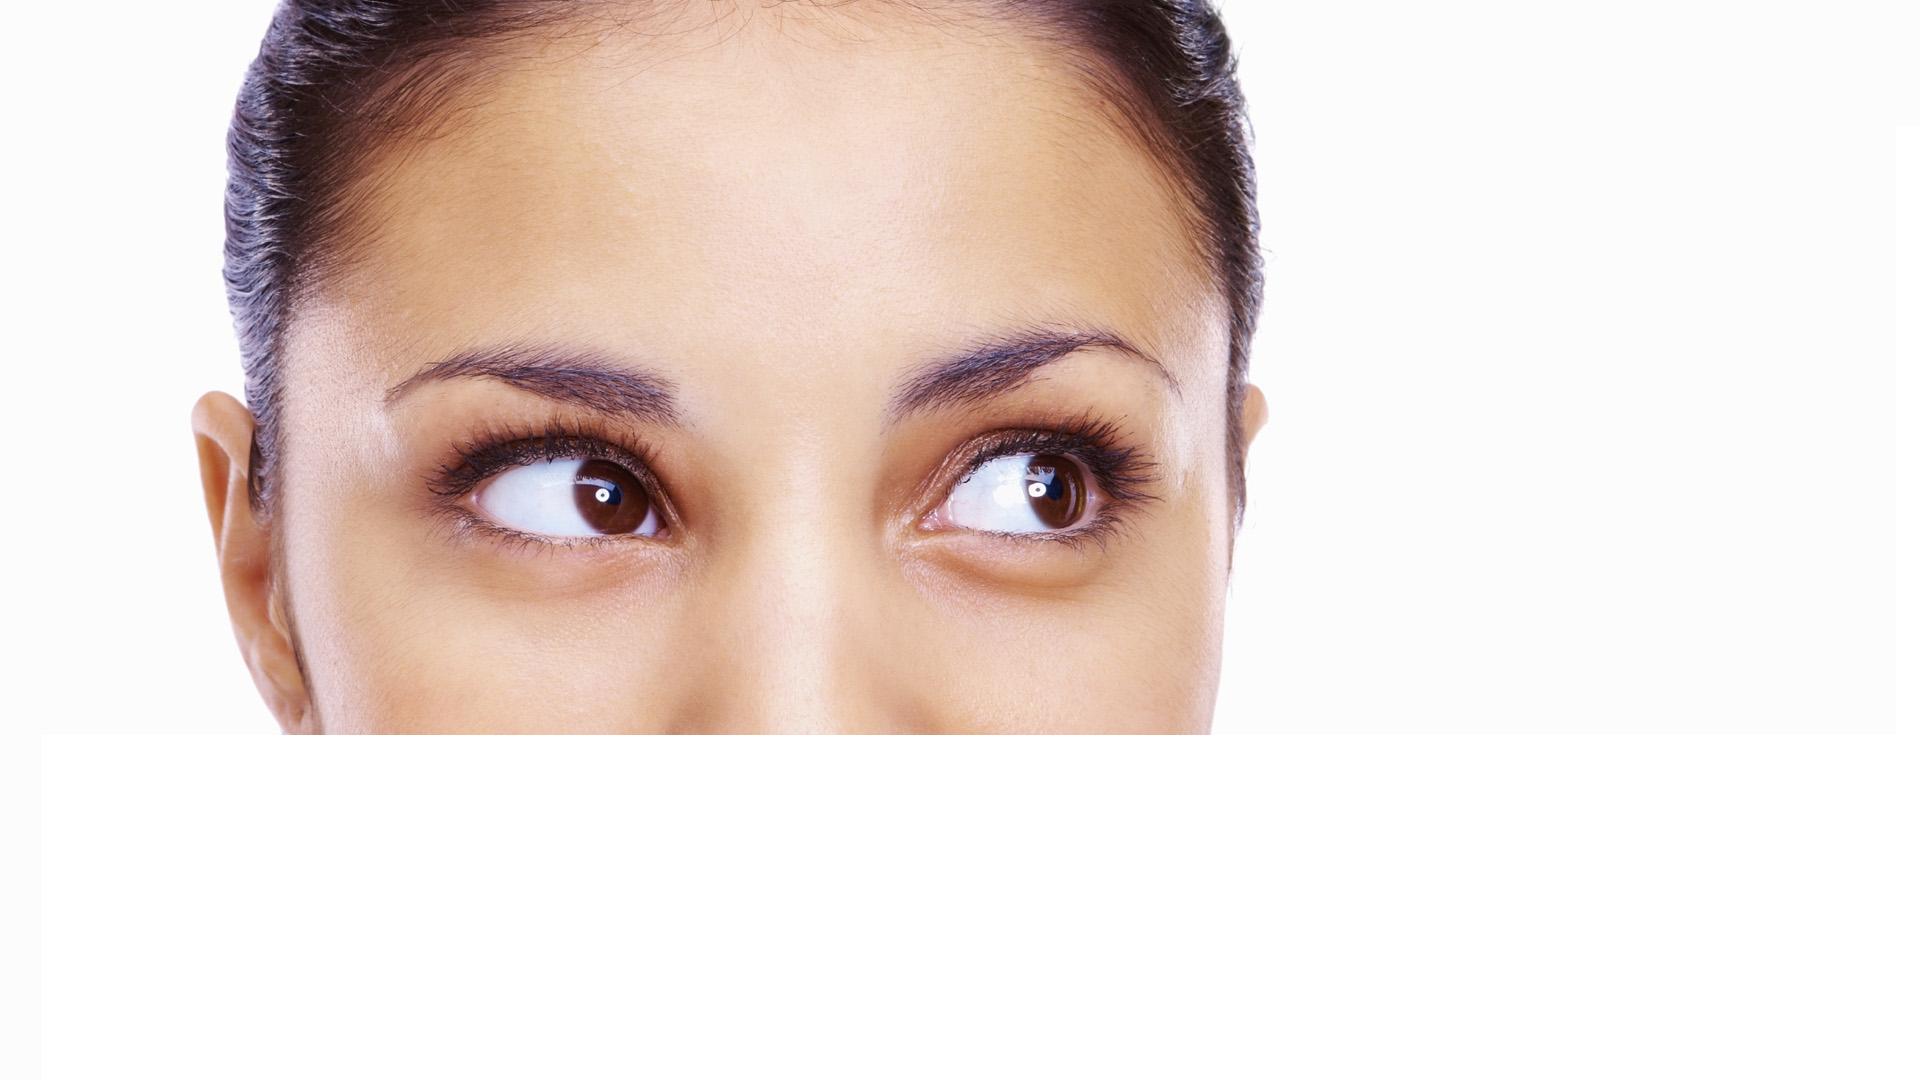 El ojo seco es una condición de secreción lagrimal que puede prevenirse utilizando lagrimas artificiales para evitar irritaciones que afecten gravemente la vista